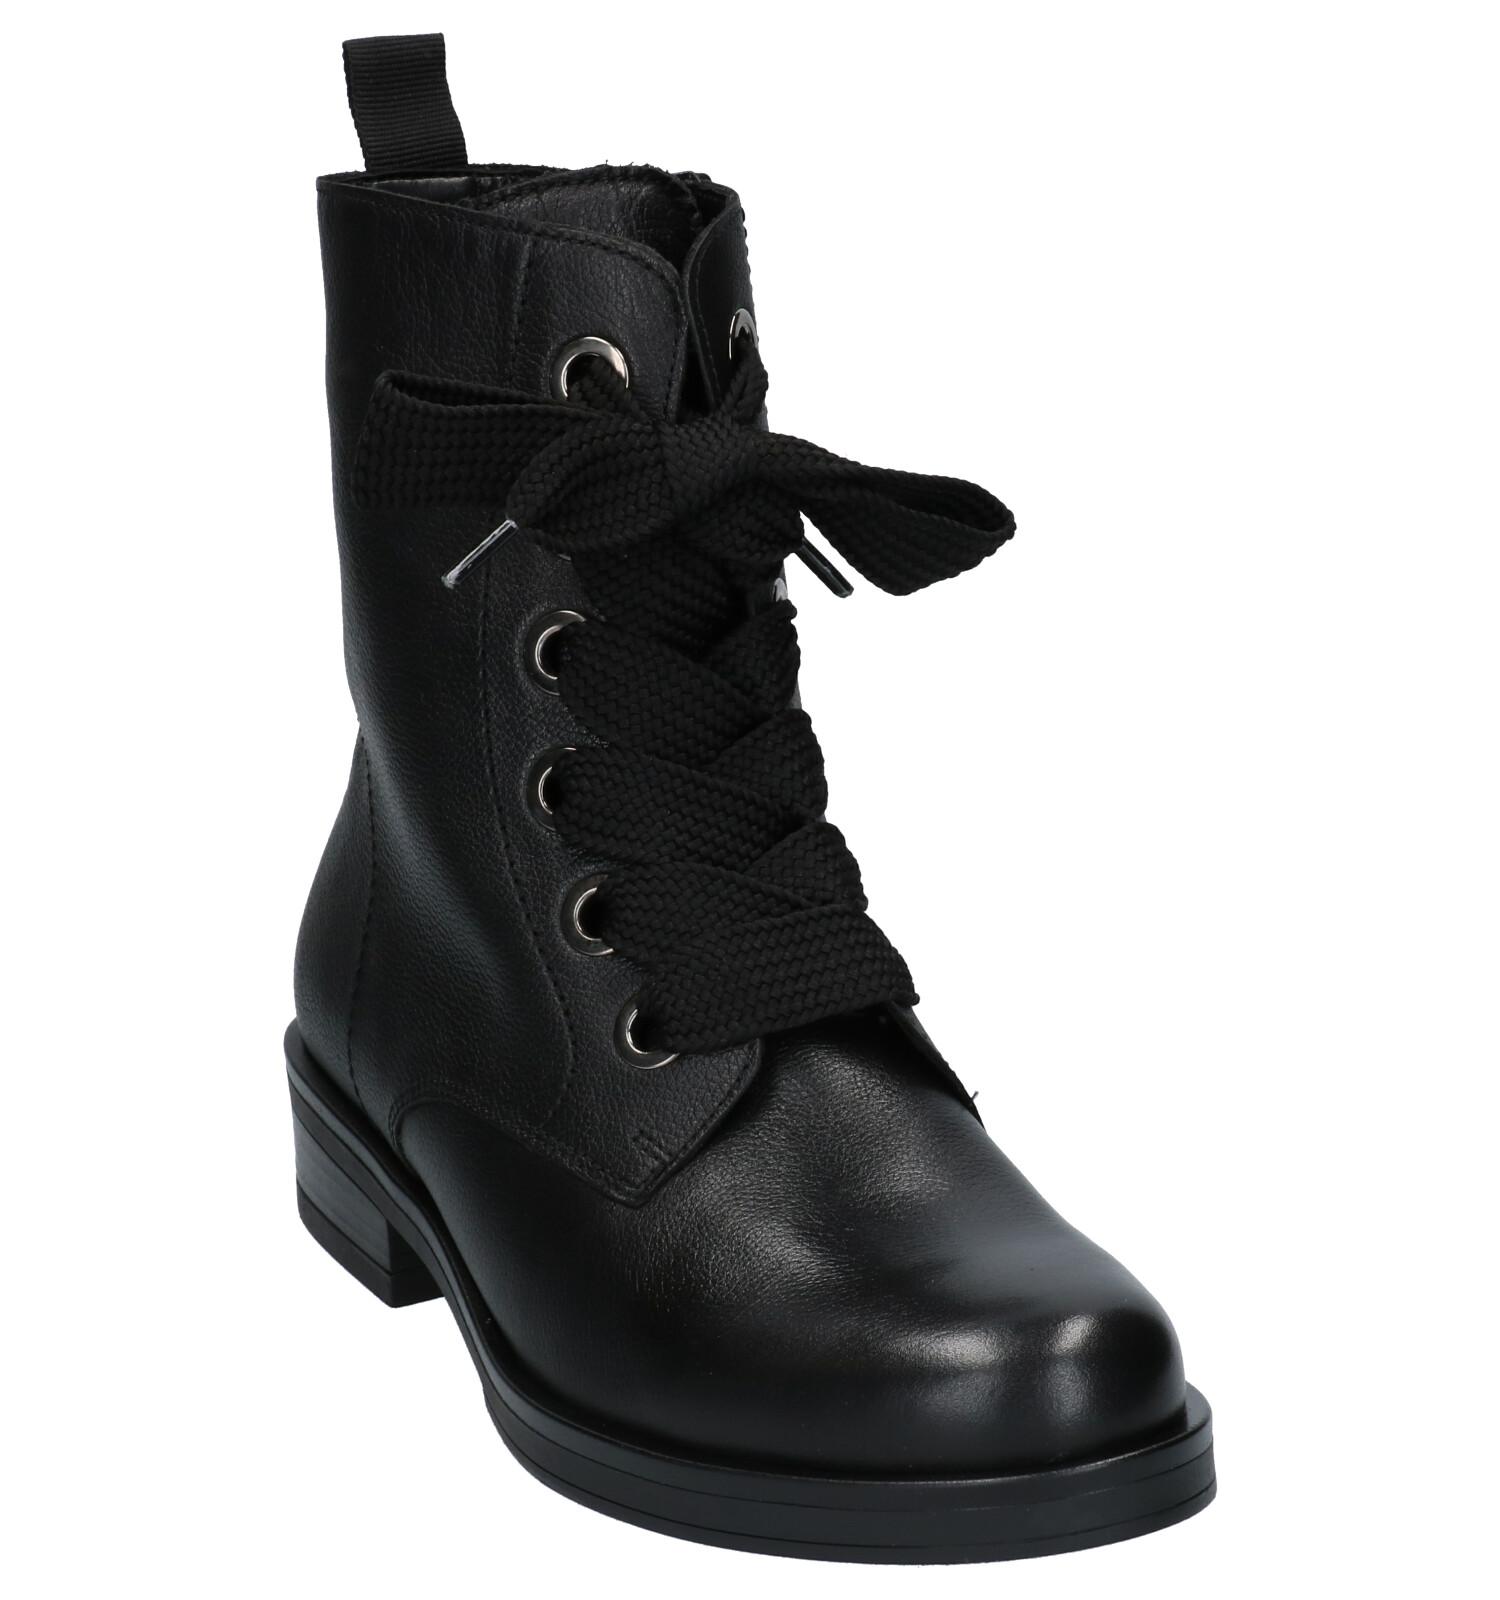 Zwarte Best Zwarte Boots Gabor Fitting Gabor Best Boots Fitting OPn0kw